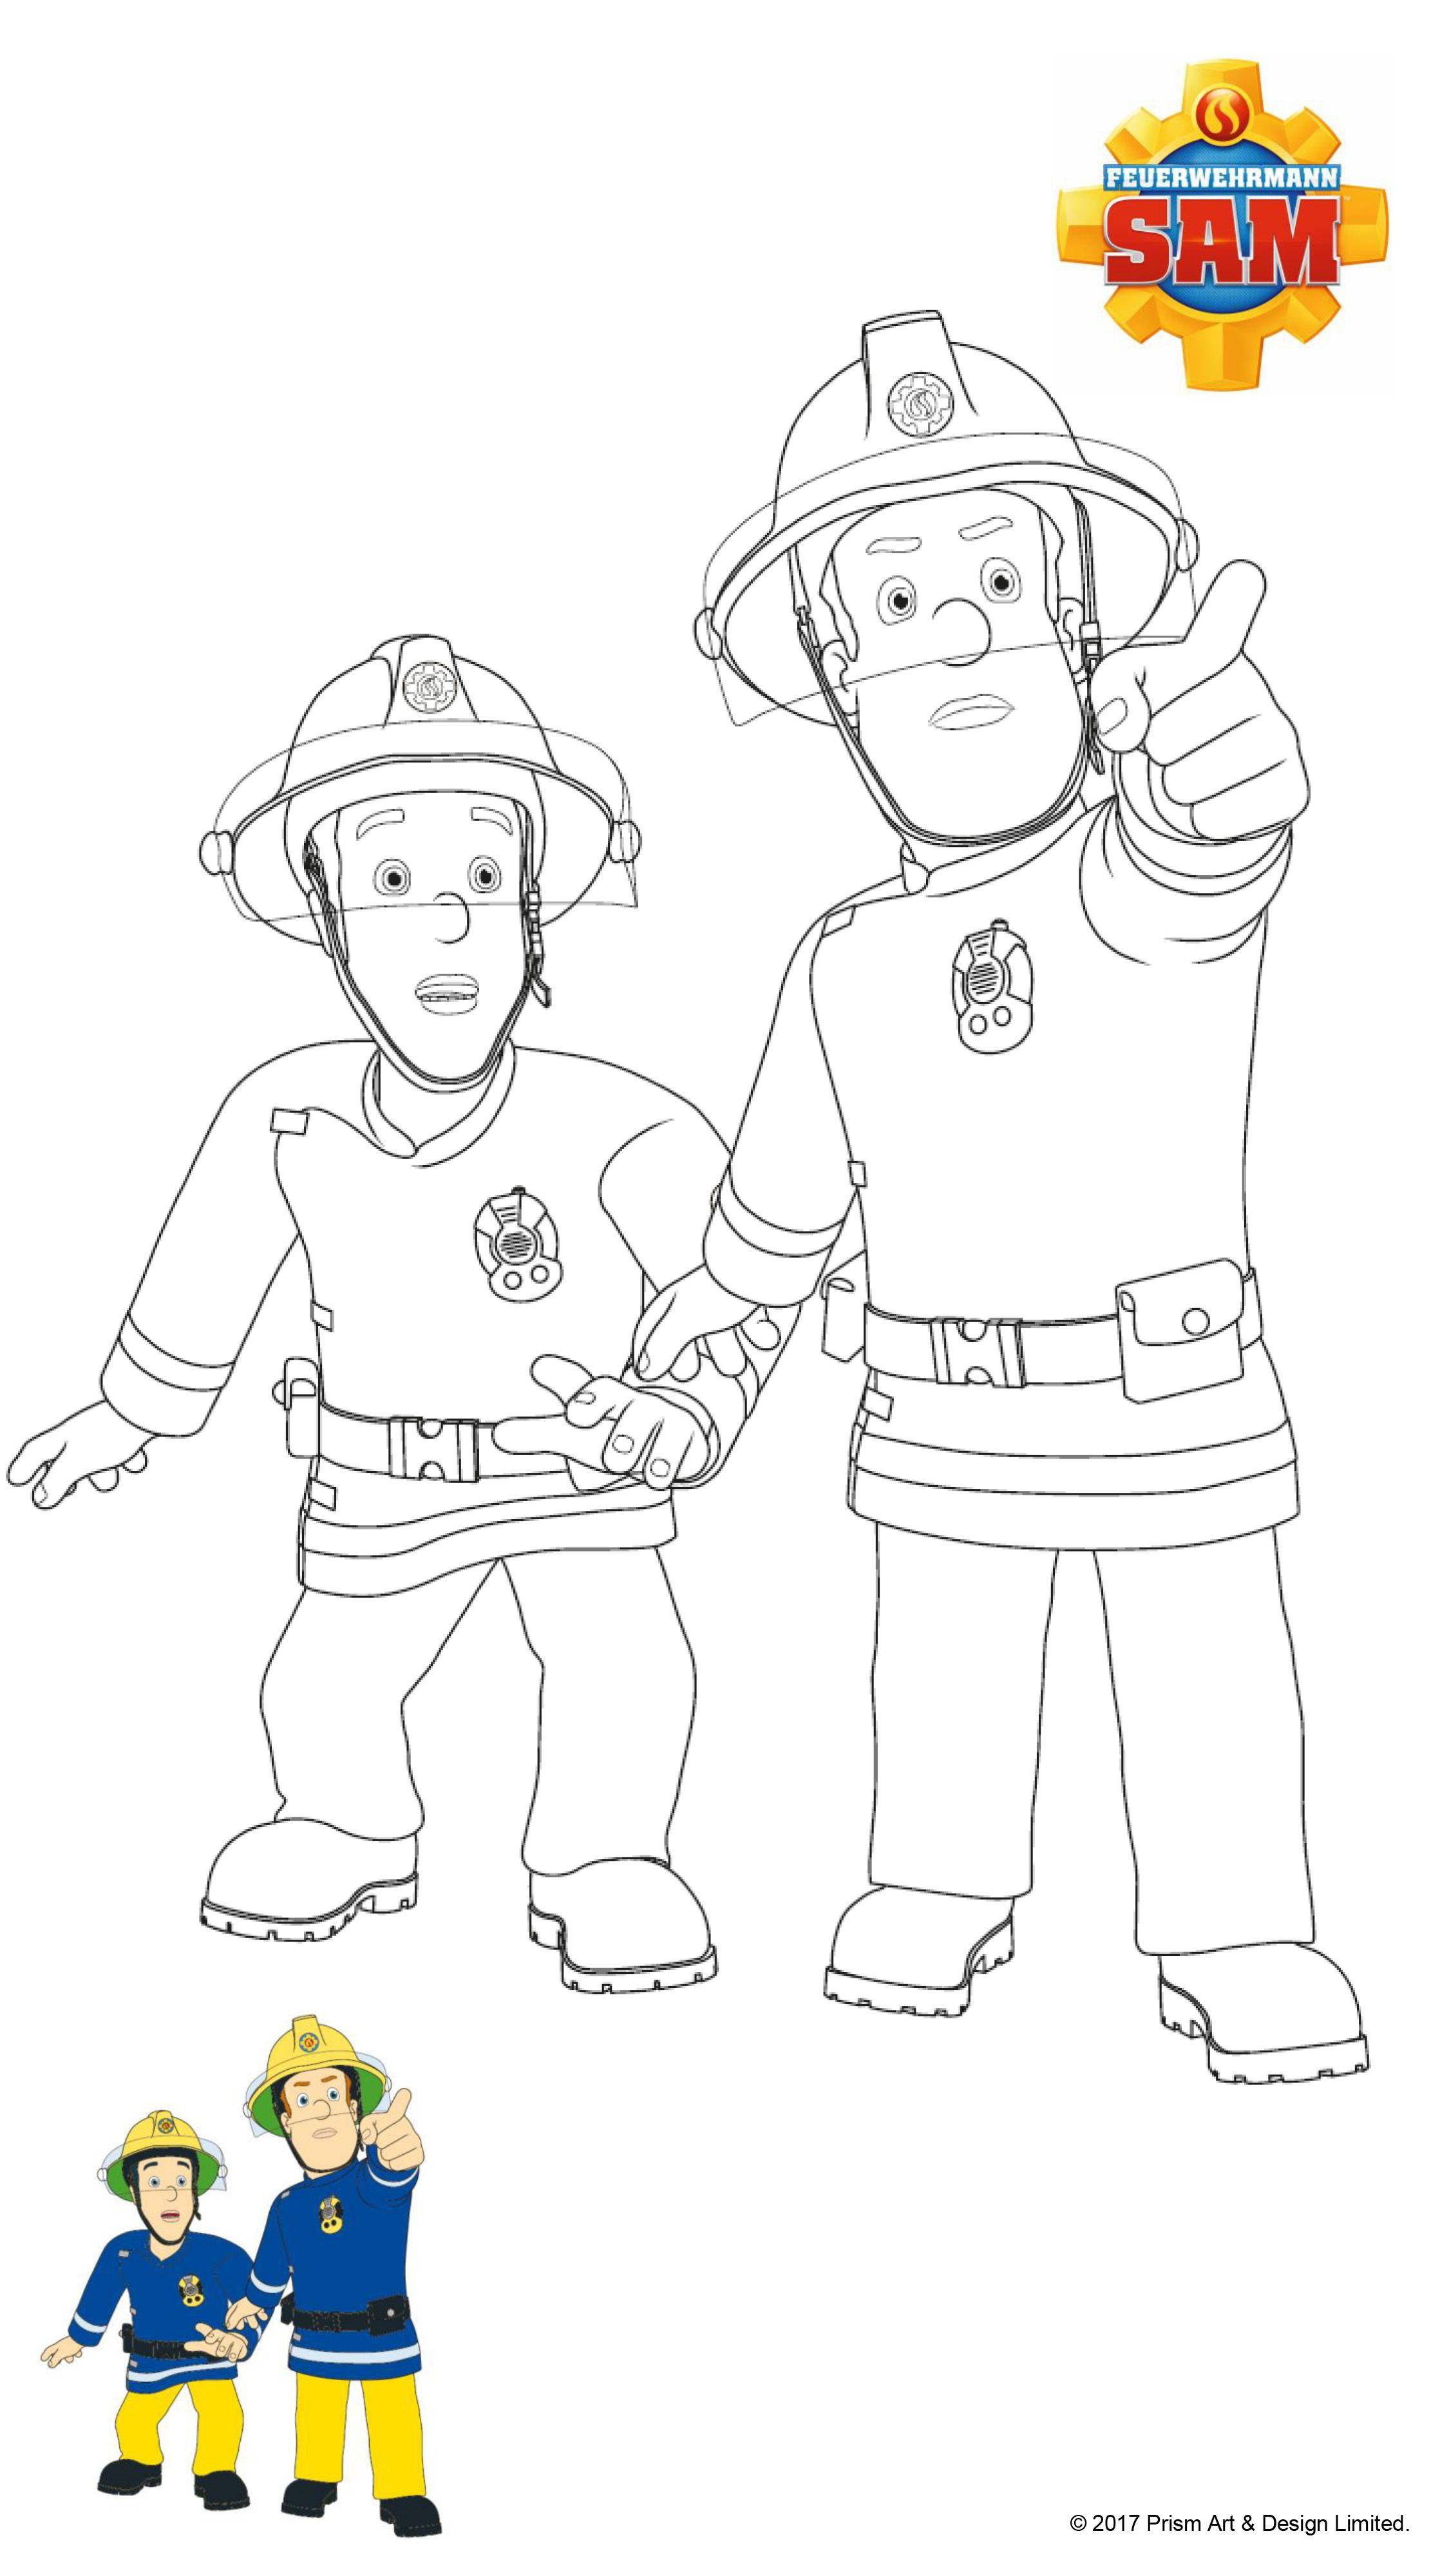 Feuerwehrmann Sam Ausmalbilder - Sam im Einsatz  Ausmalbilder